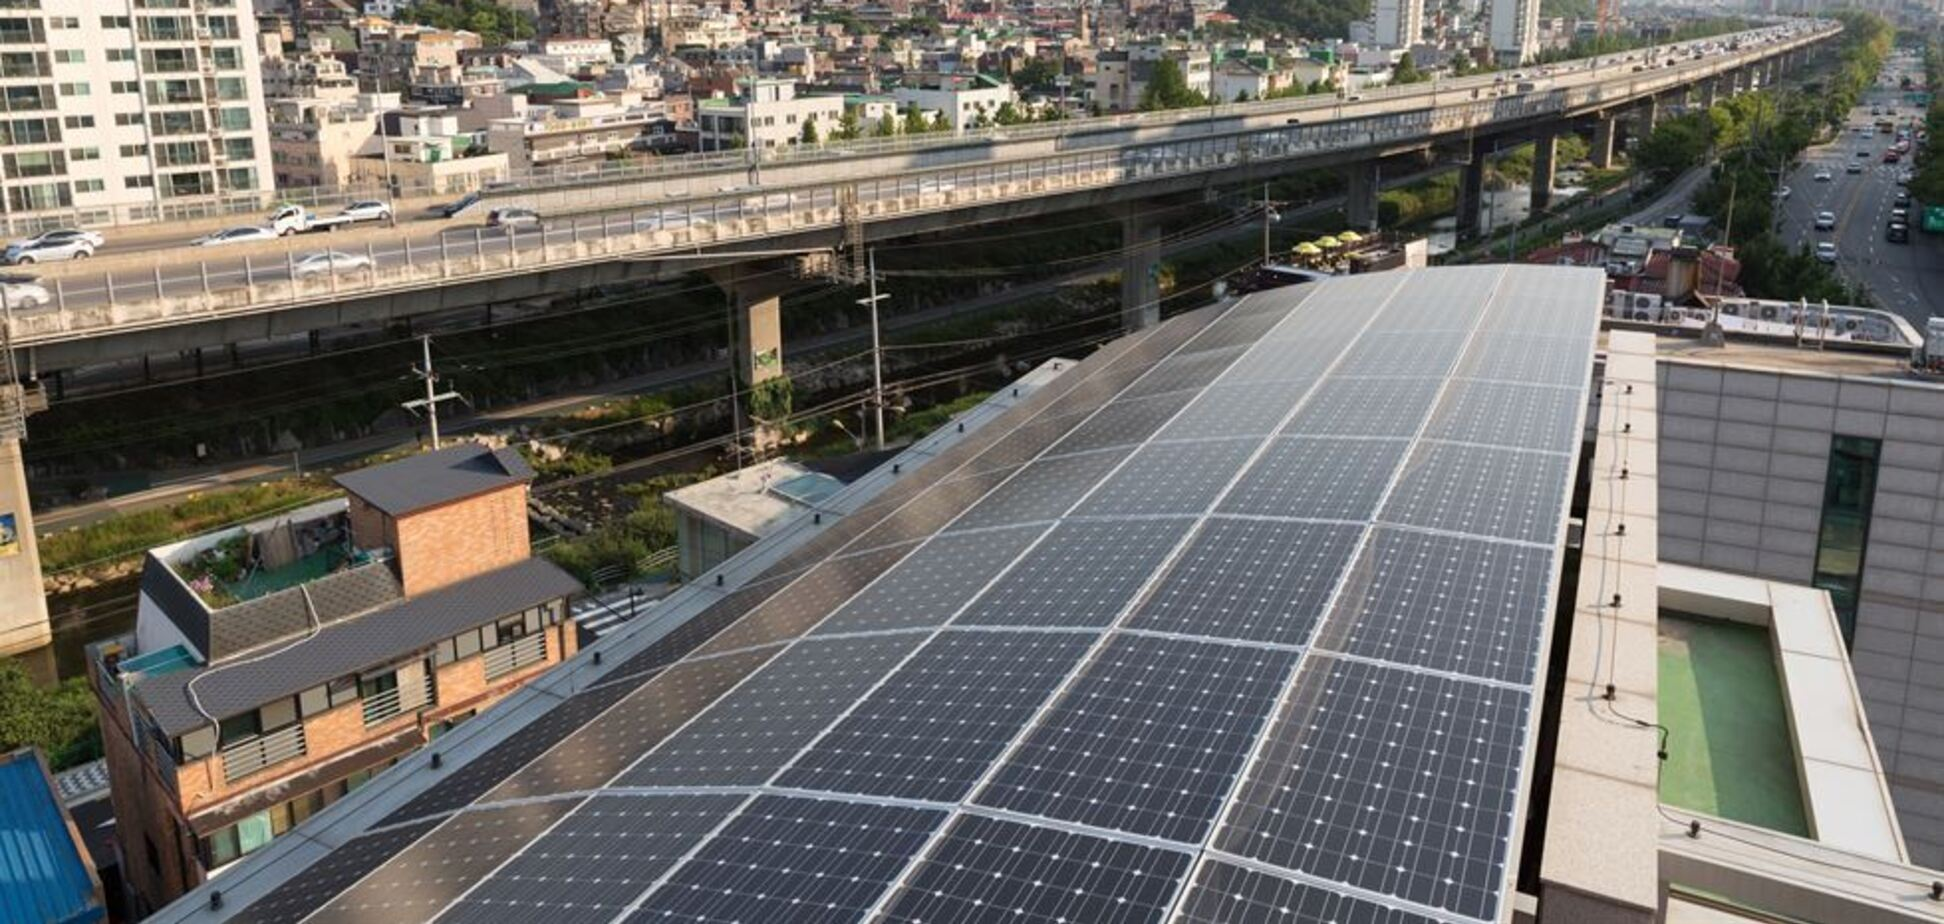 В Корее жилые дома превратят в генераторы возобновляемой энергии: что планируют сделать